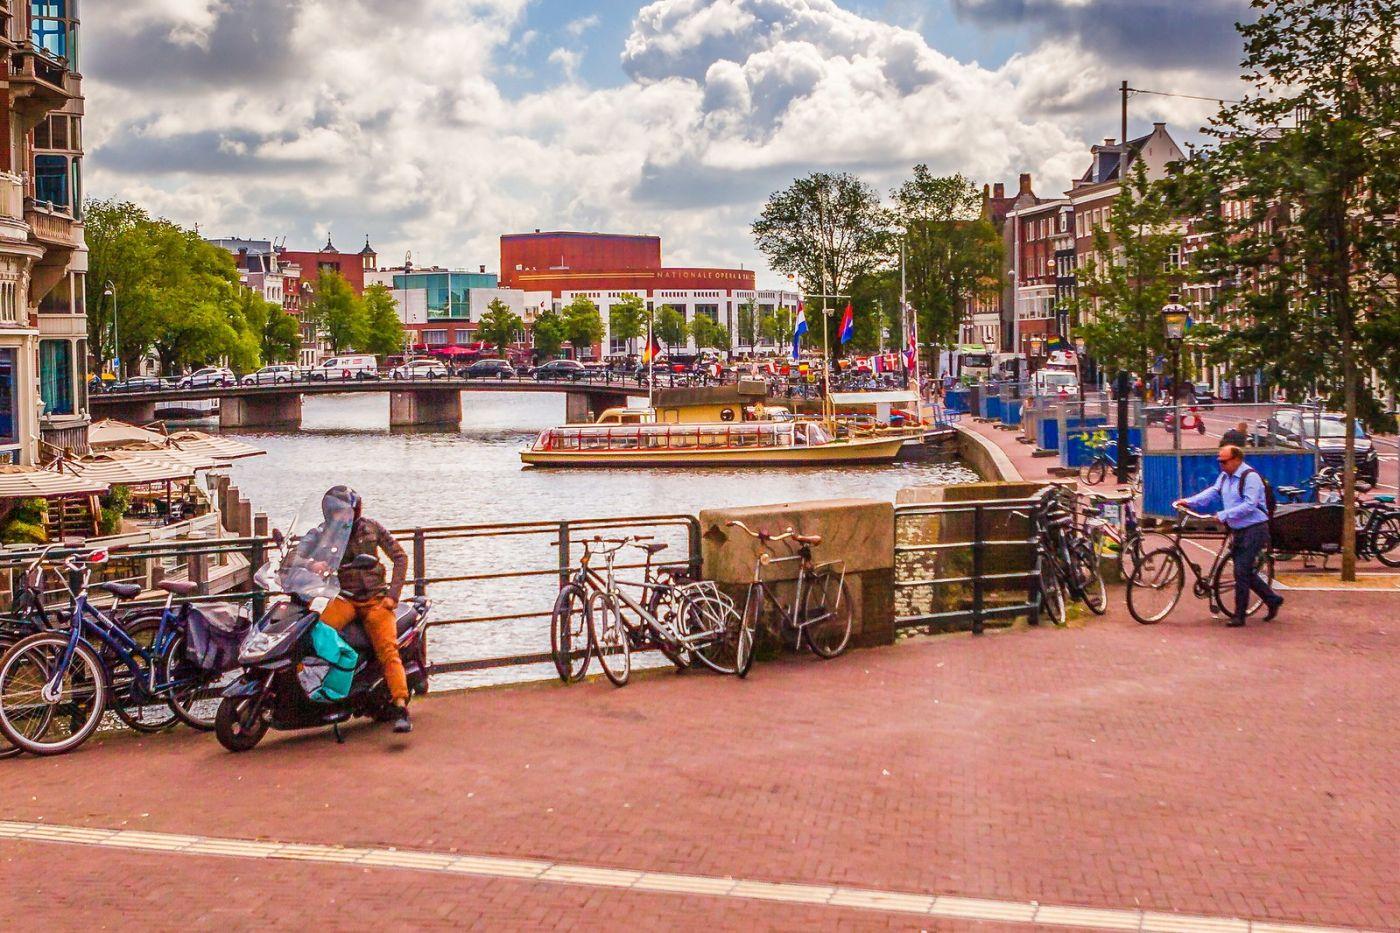 荷兰阿姆斯特丹,扫街随拍_图1-12